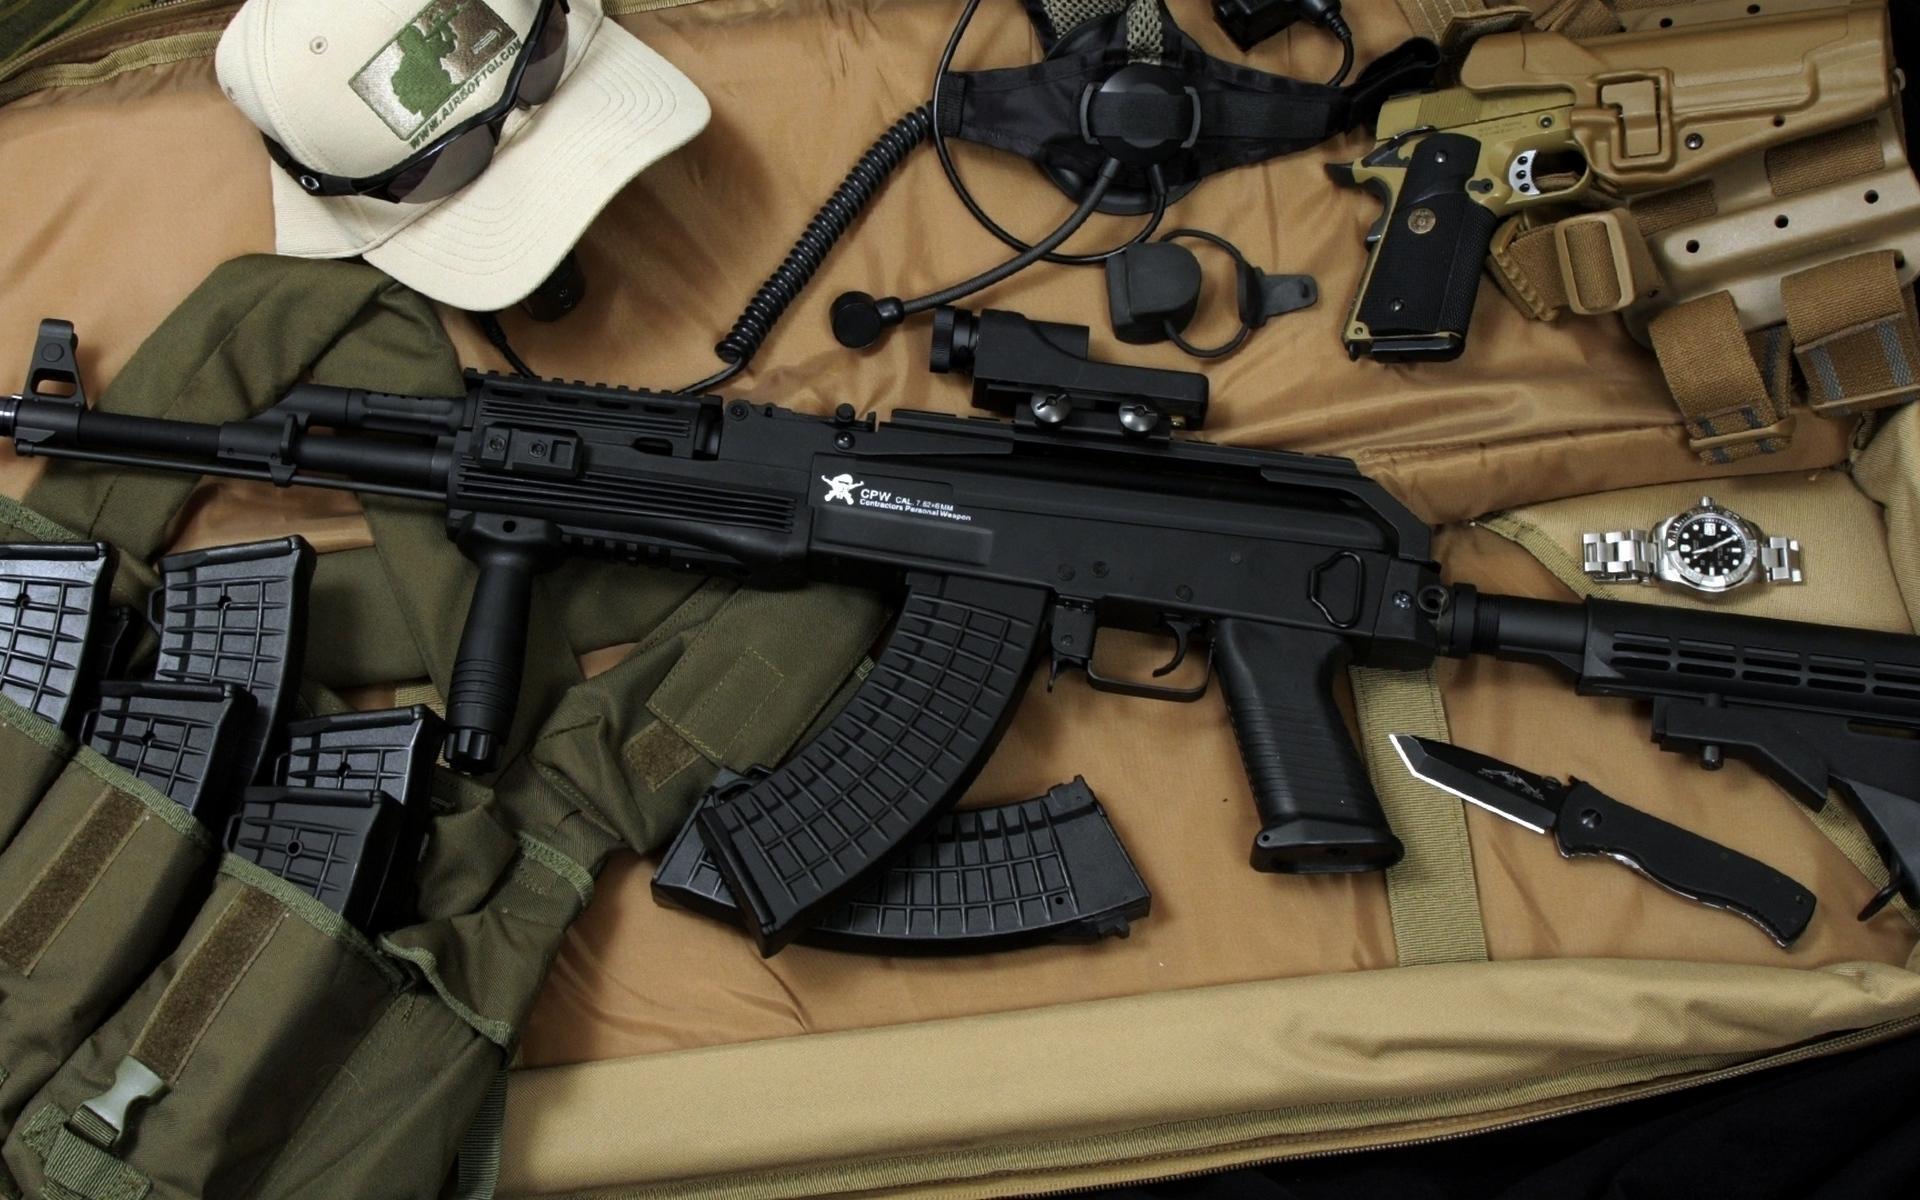 Фото неизвестные пацаны с оружием 2